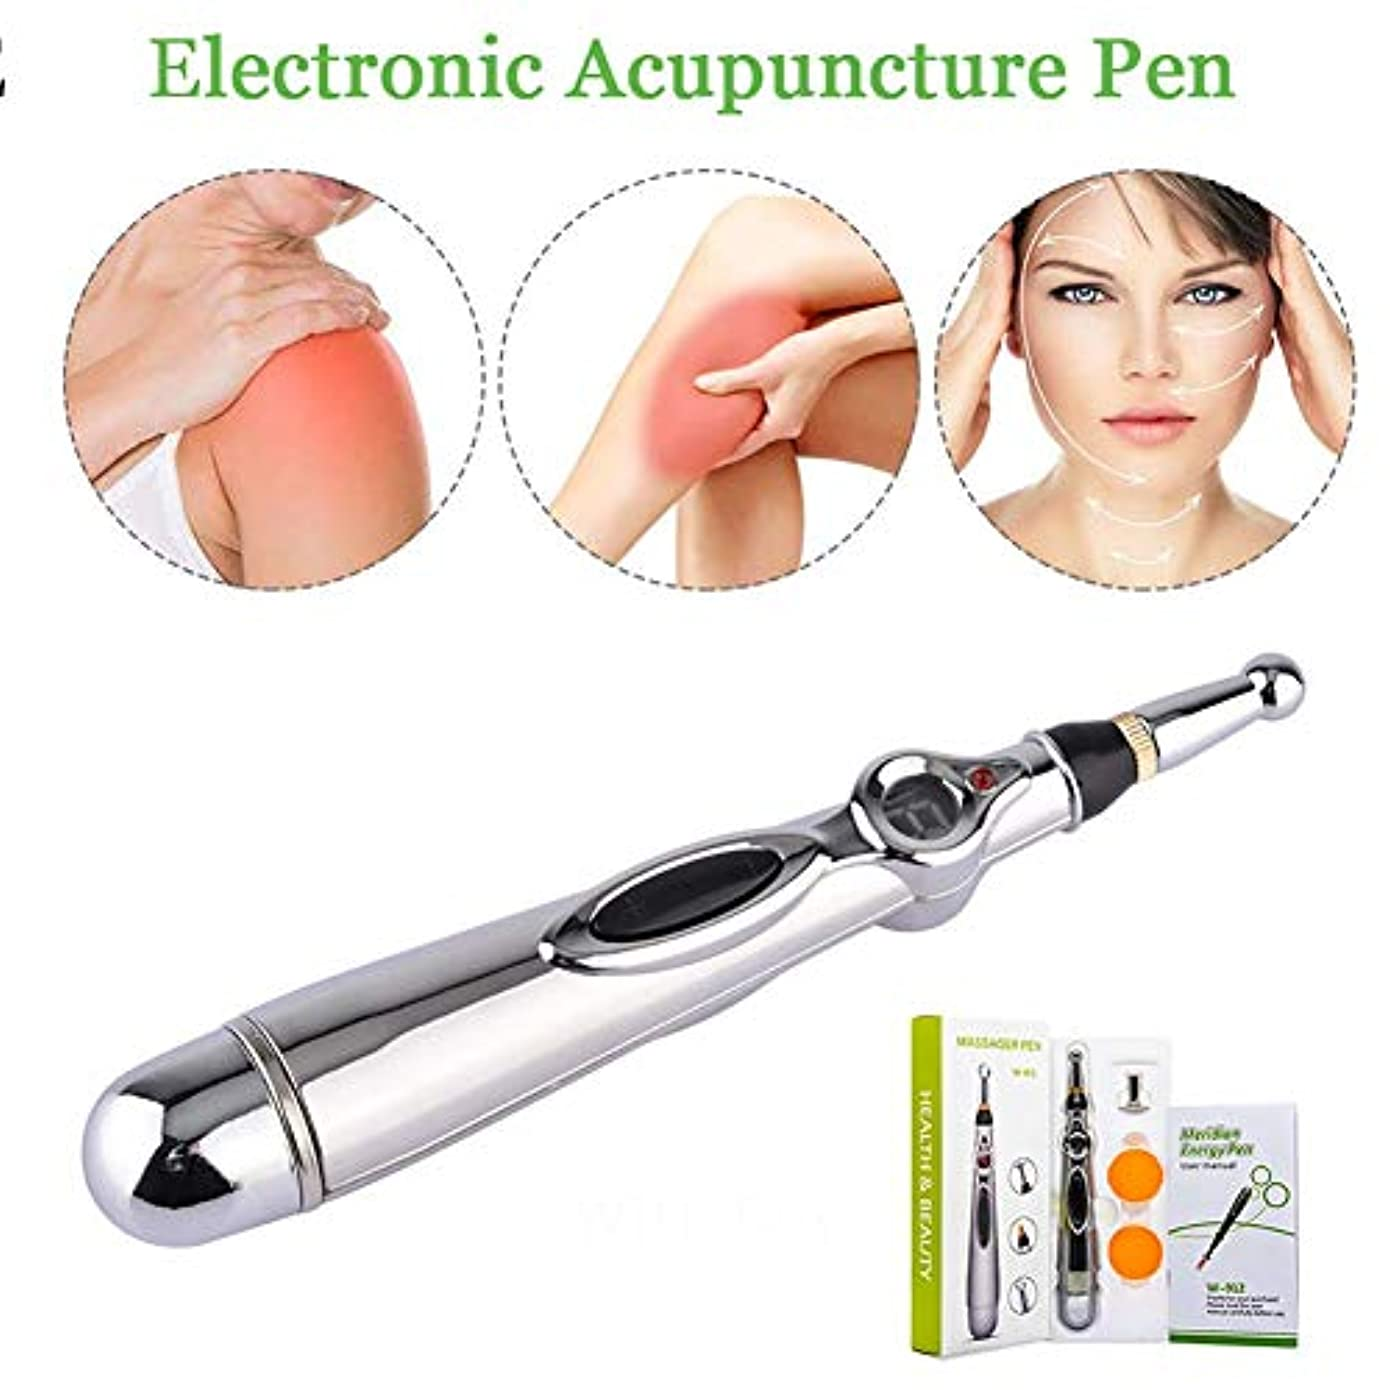 城シェル代わりの電子鍼ペン、パルスエネルギー経絡マッサージは、関節炎の筋肉の痛み腰痛のための痛みを和らげます